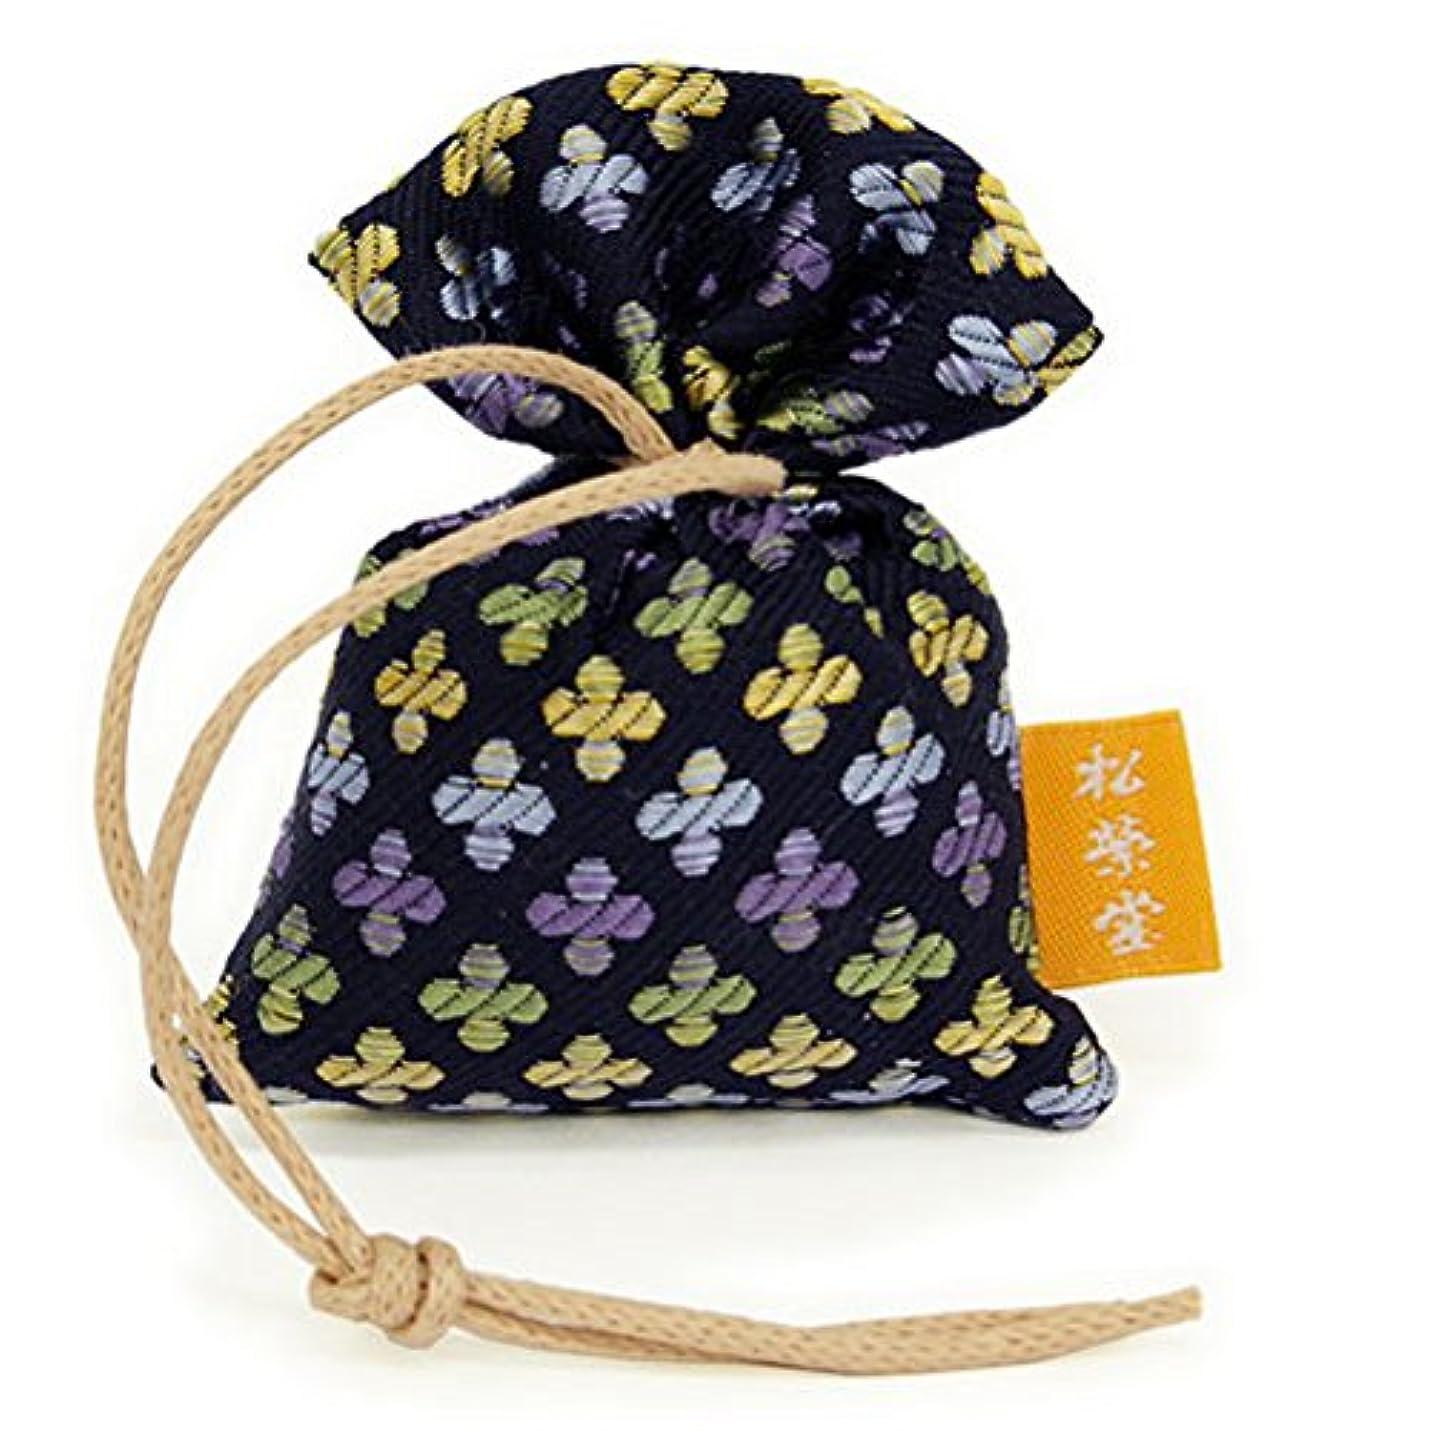 ピジンの中でぼかす匂い袋 誰が袖 薫 かおる 1個入 松栄堂 Shoyeido 本体長さ60mm (色?柄は選べません)